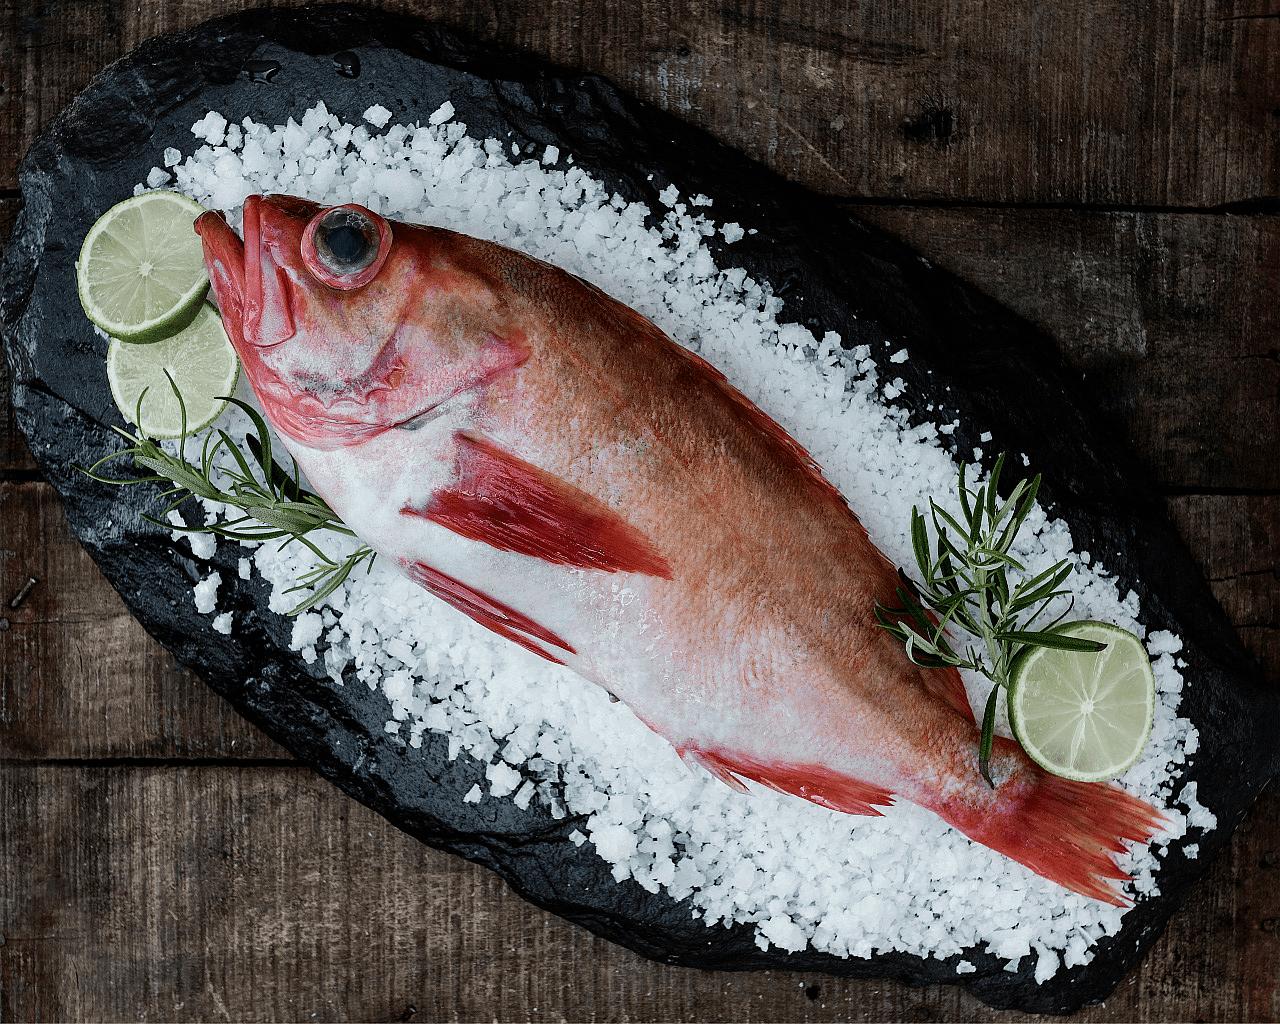 Griller hel fisk: Følger du noen enkle huskeregler, du får et saftig og smakfullt sluttresultat.